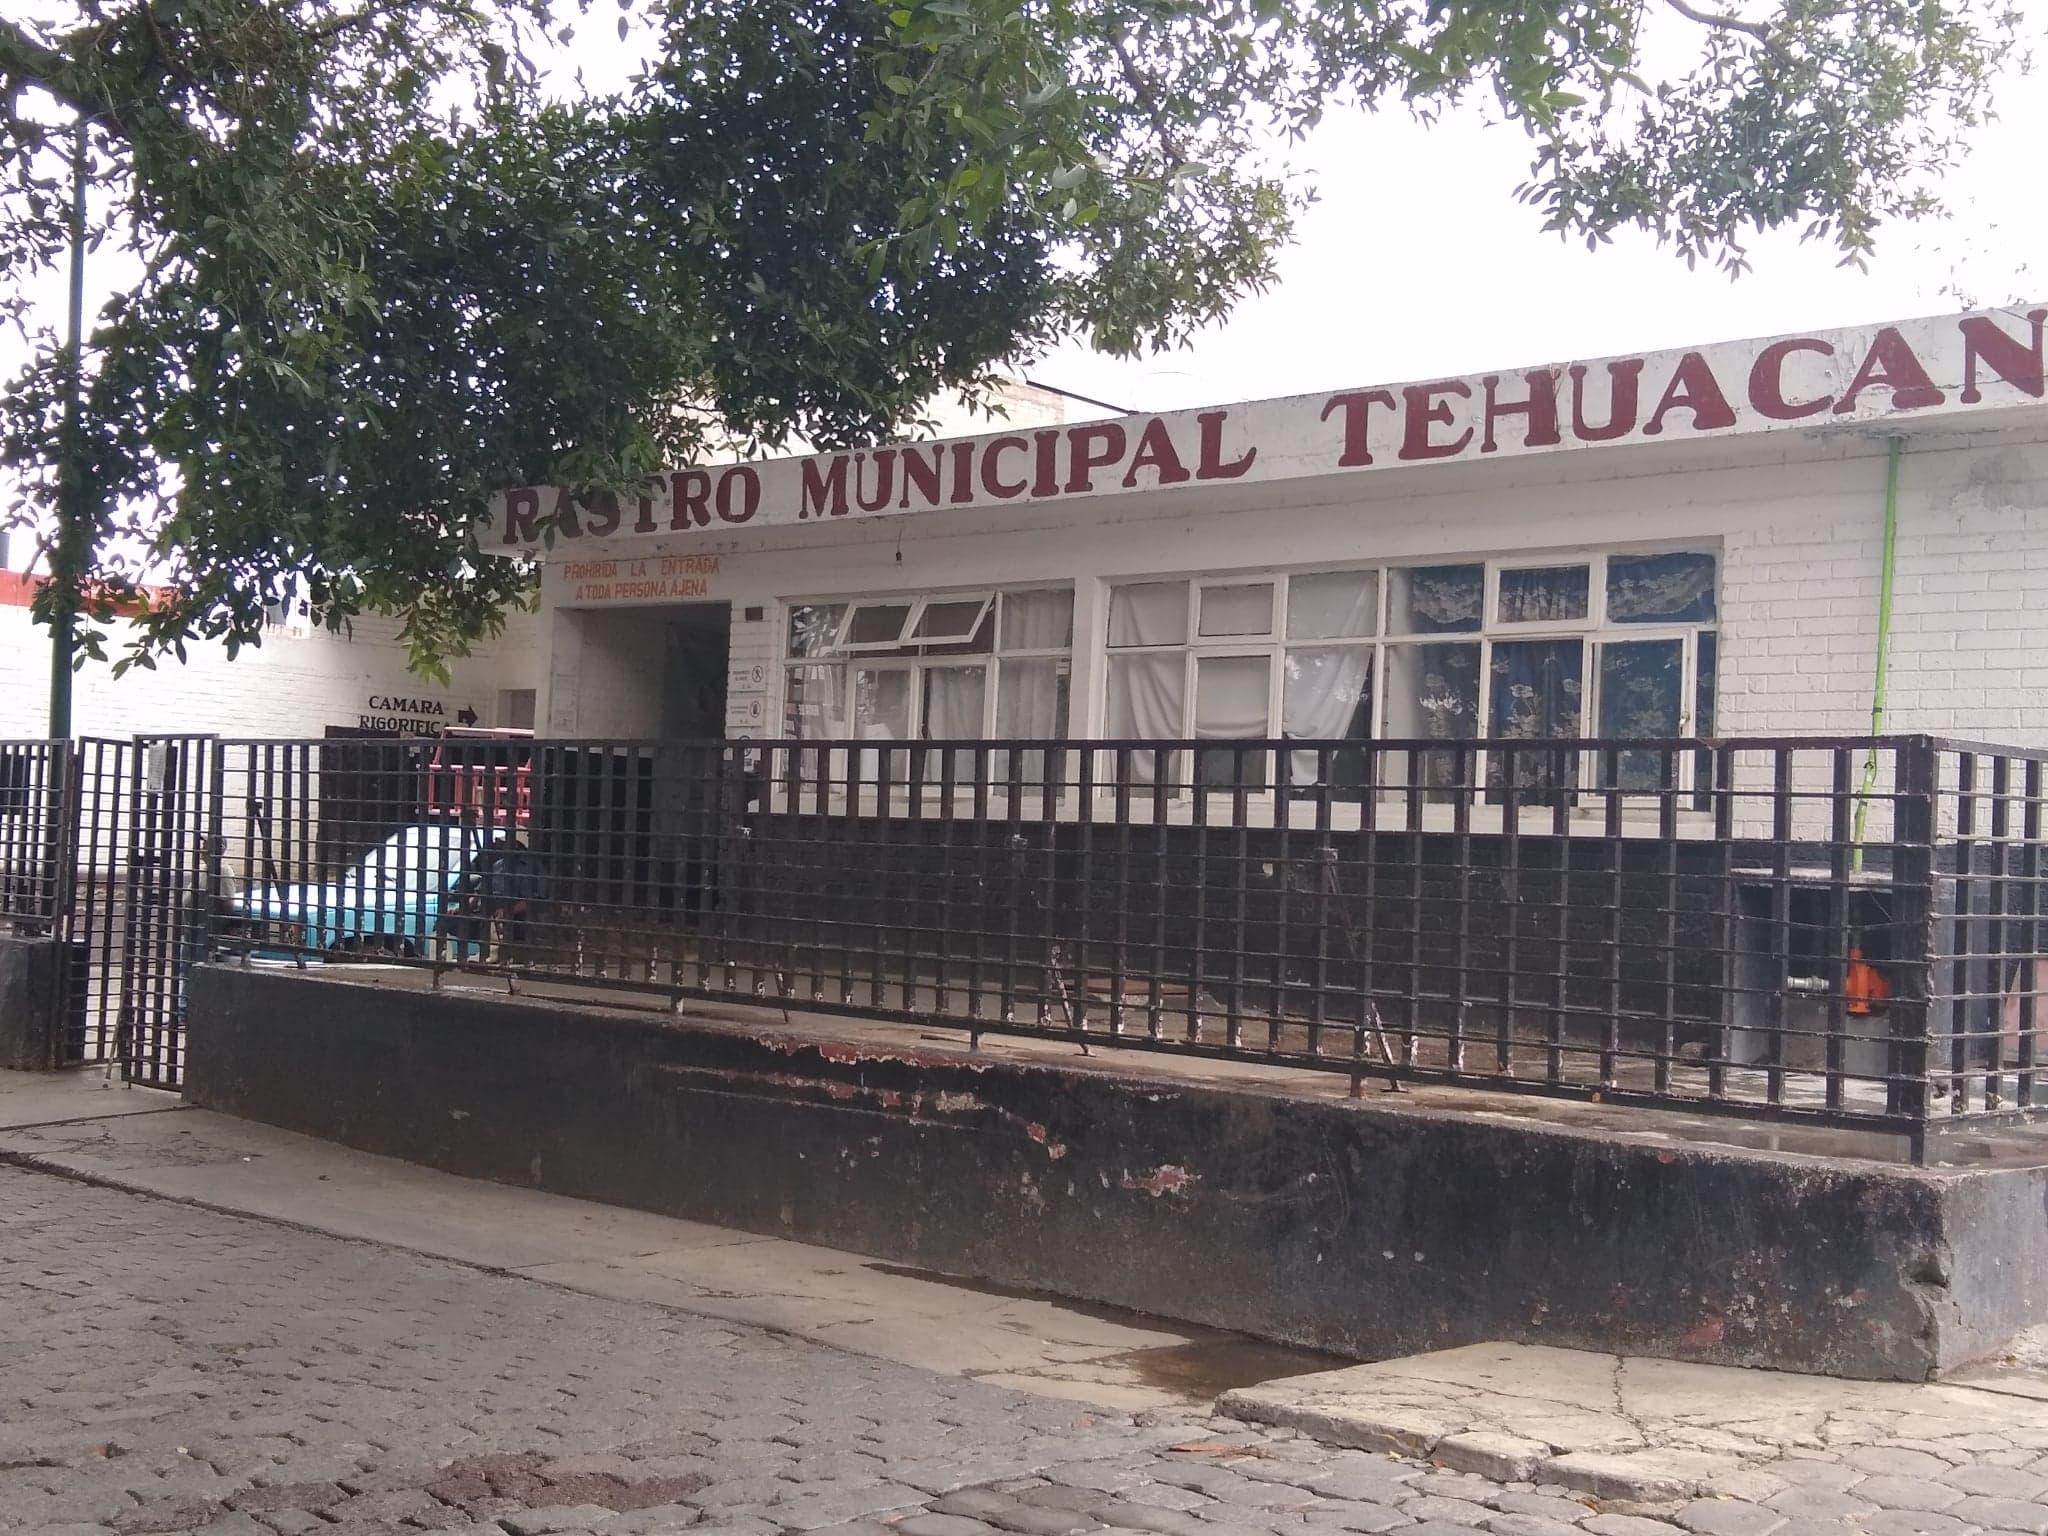 Construcción del rastro municipal de Tehuacán será en 2022: Tepole